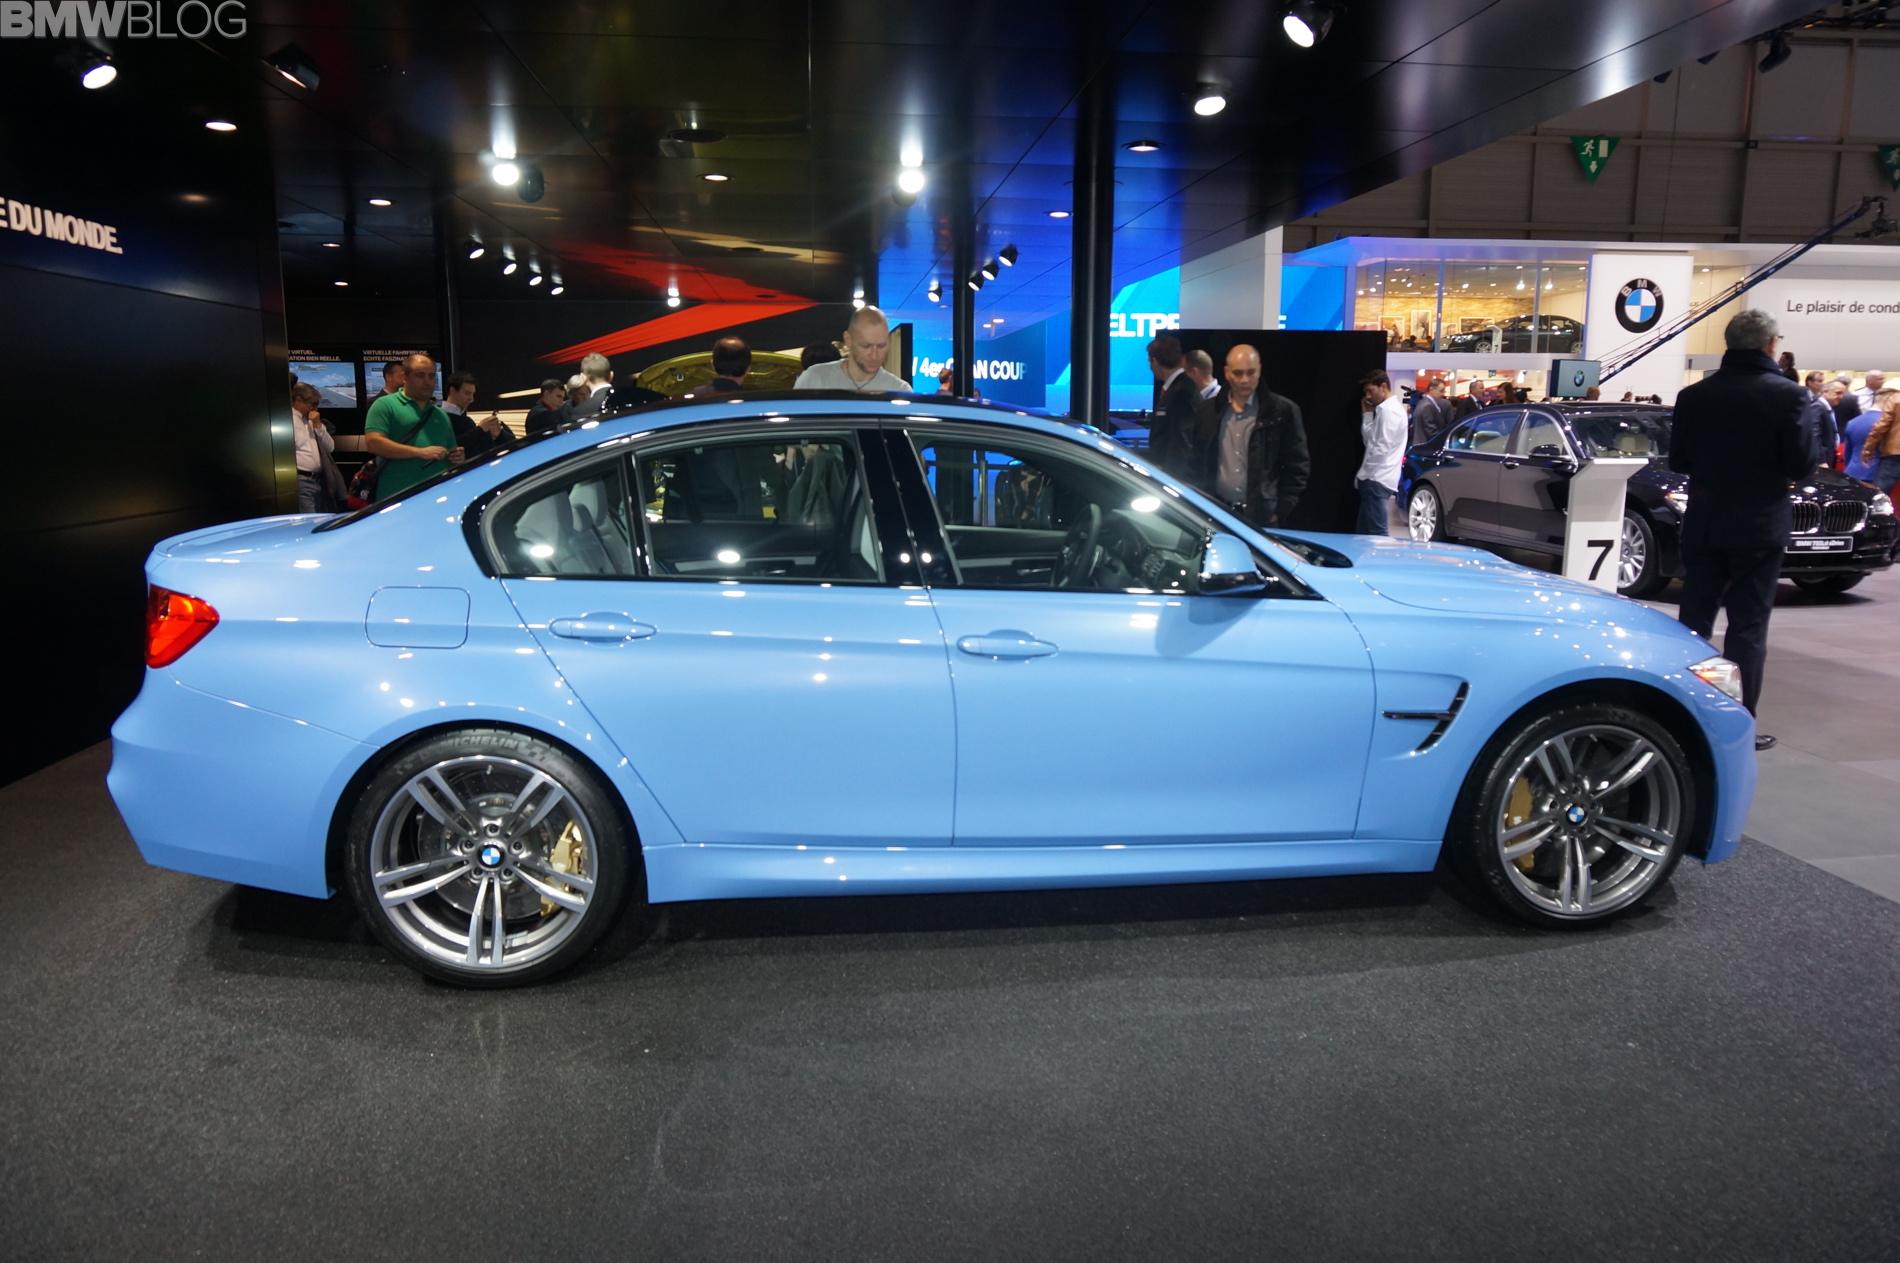 2014 geneva motor show: bmw m3 sedan